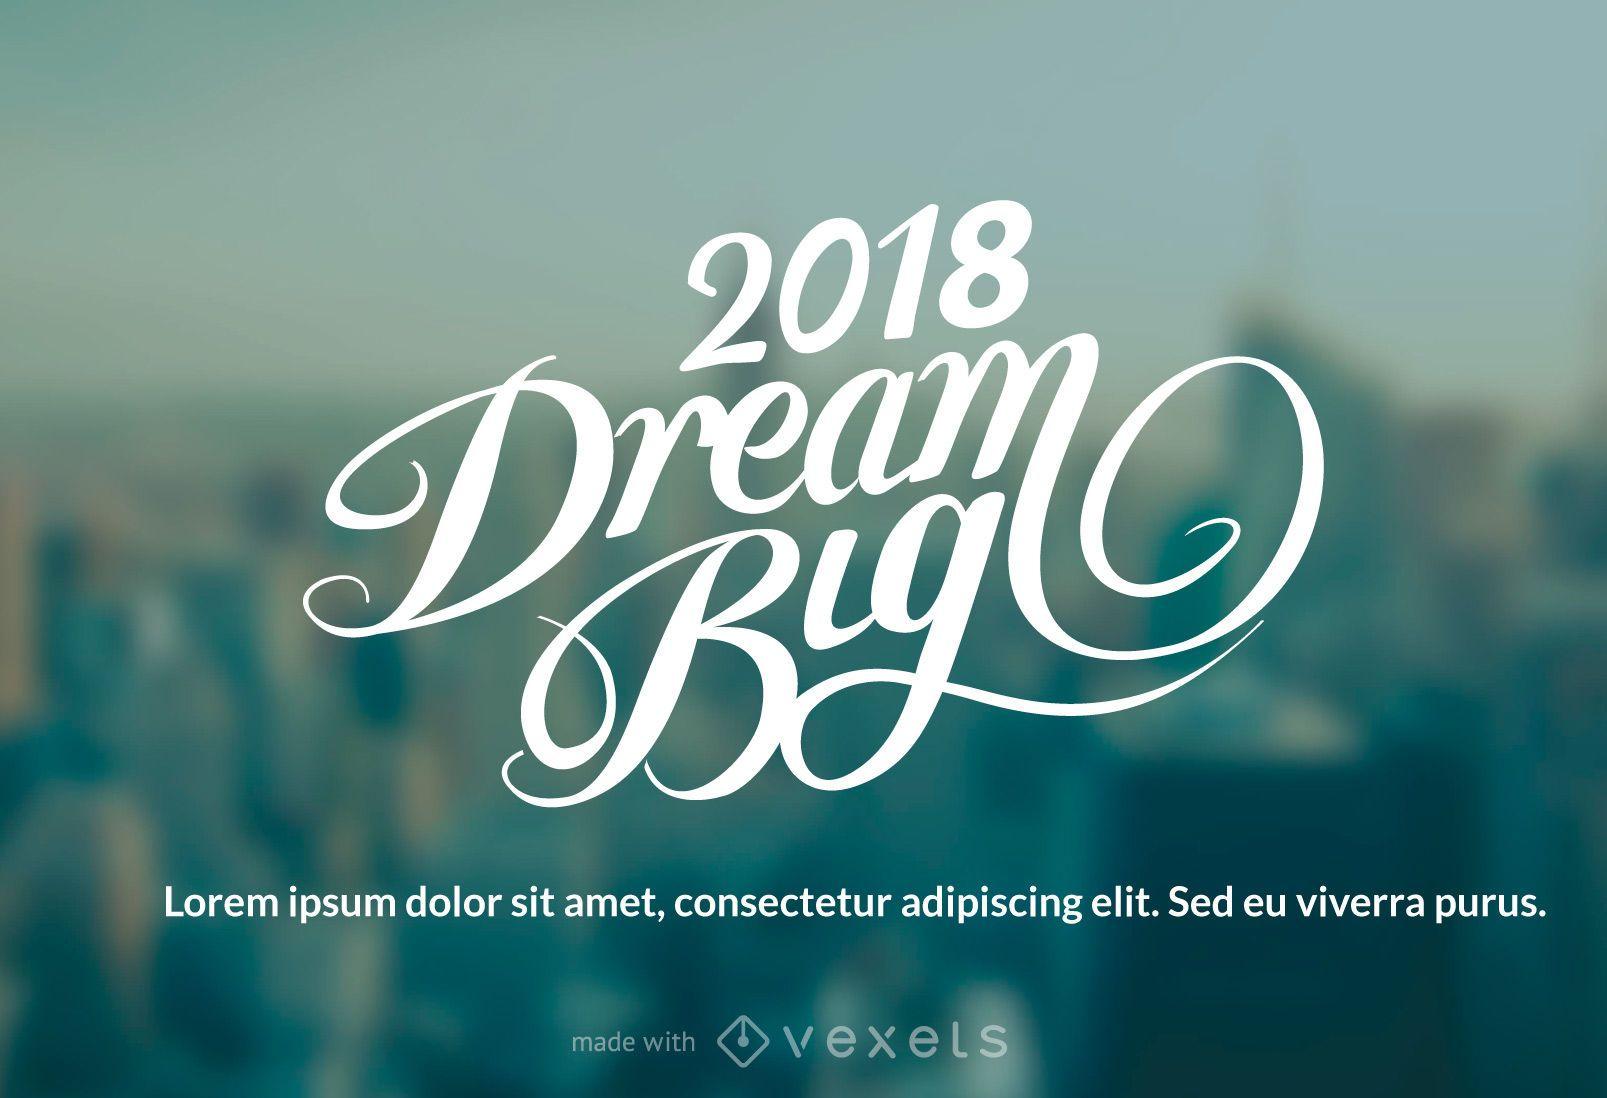 2018 Neujahr wünscht Hersteller